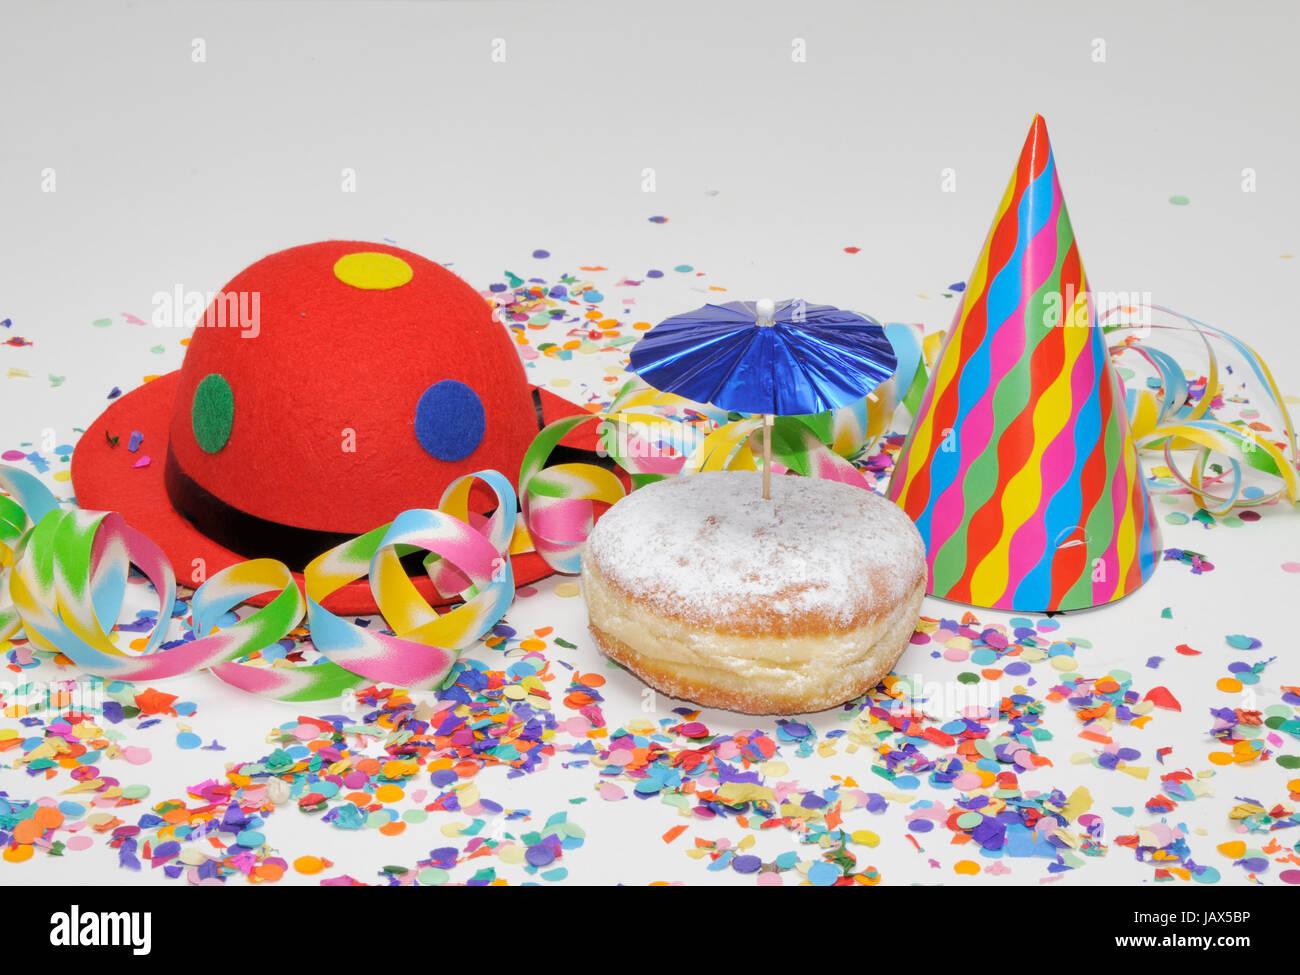 krapfen, kreppel, fastnacht, karneval, luftschlange, luftschlangen, girlande, symbolbild, girlanden, konfetti, süß, Stock Photo